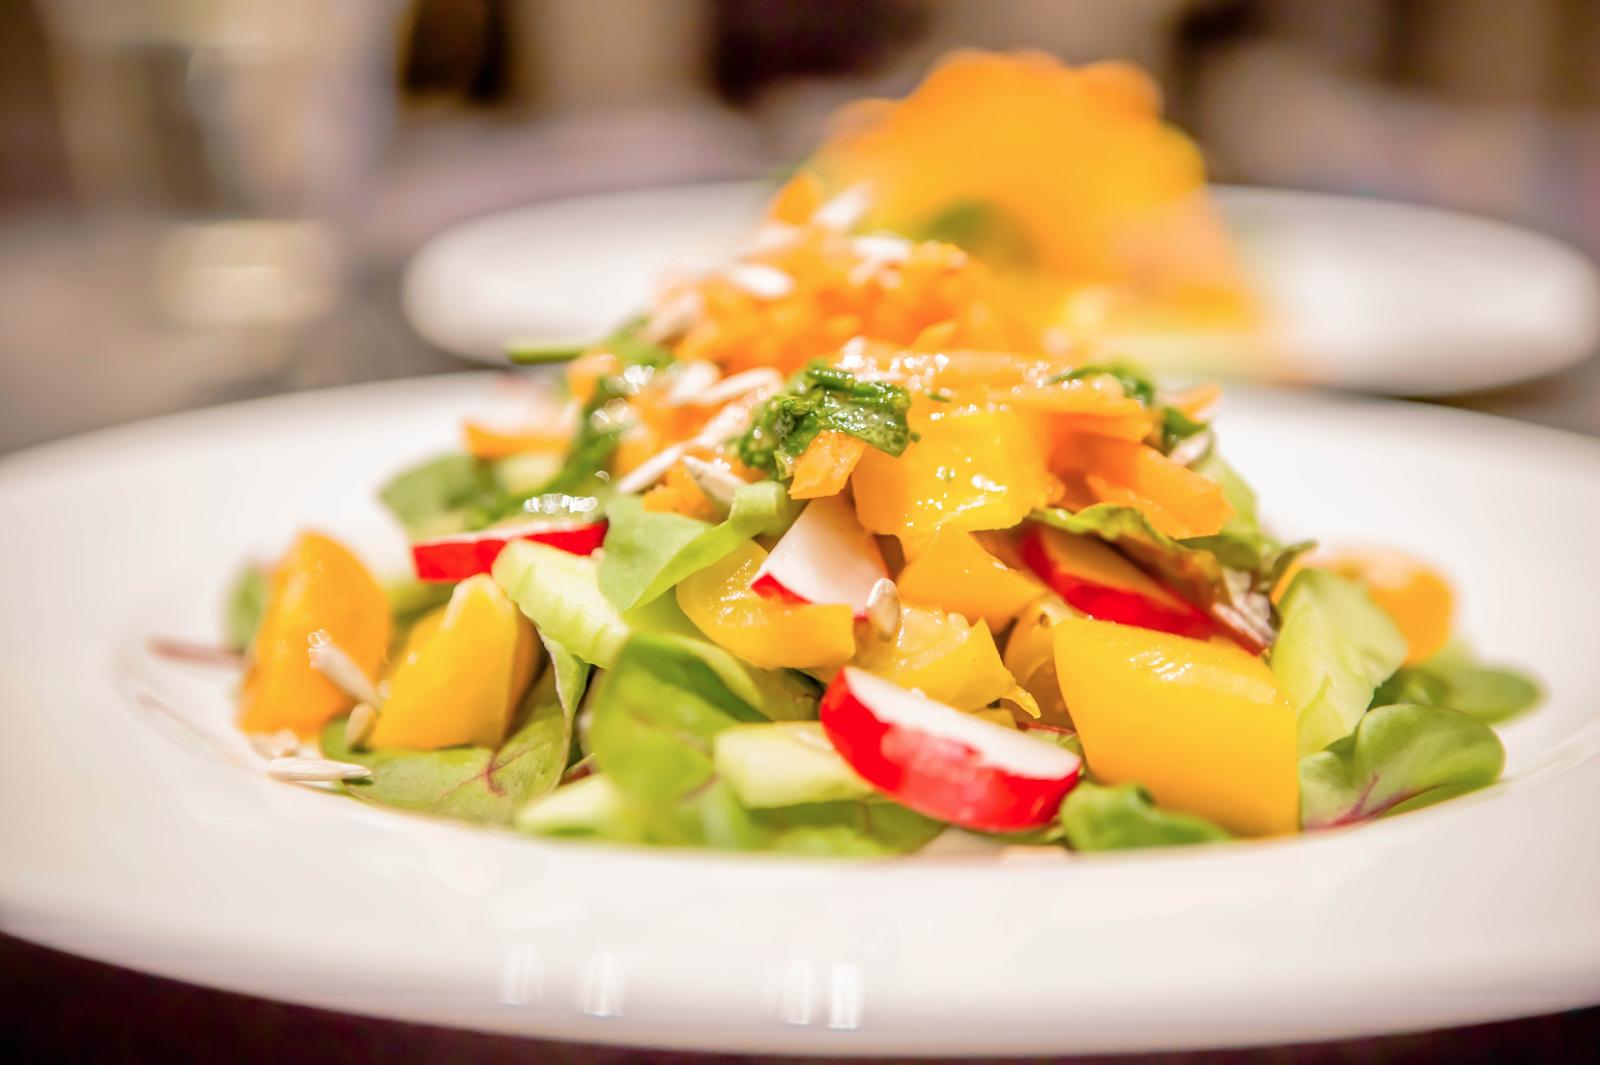 Mangoldsalat angerichtet mit vilem verschiedenen Gemüse